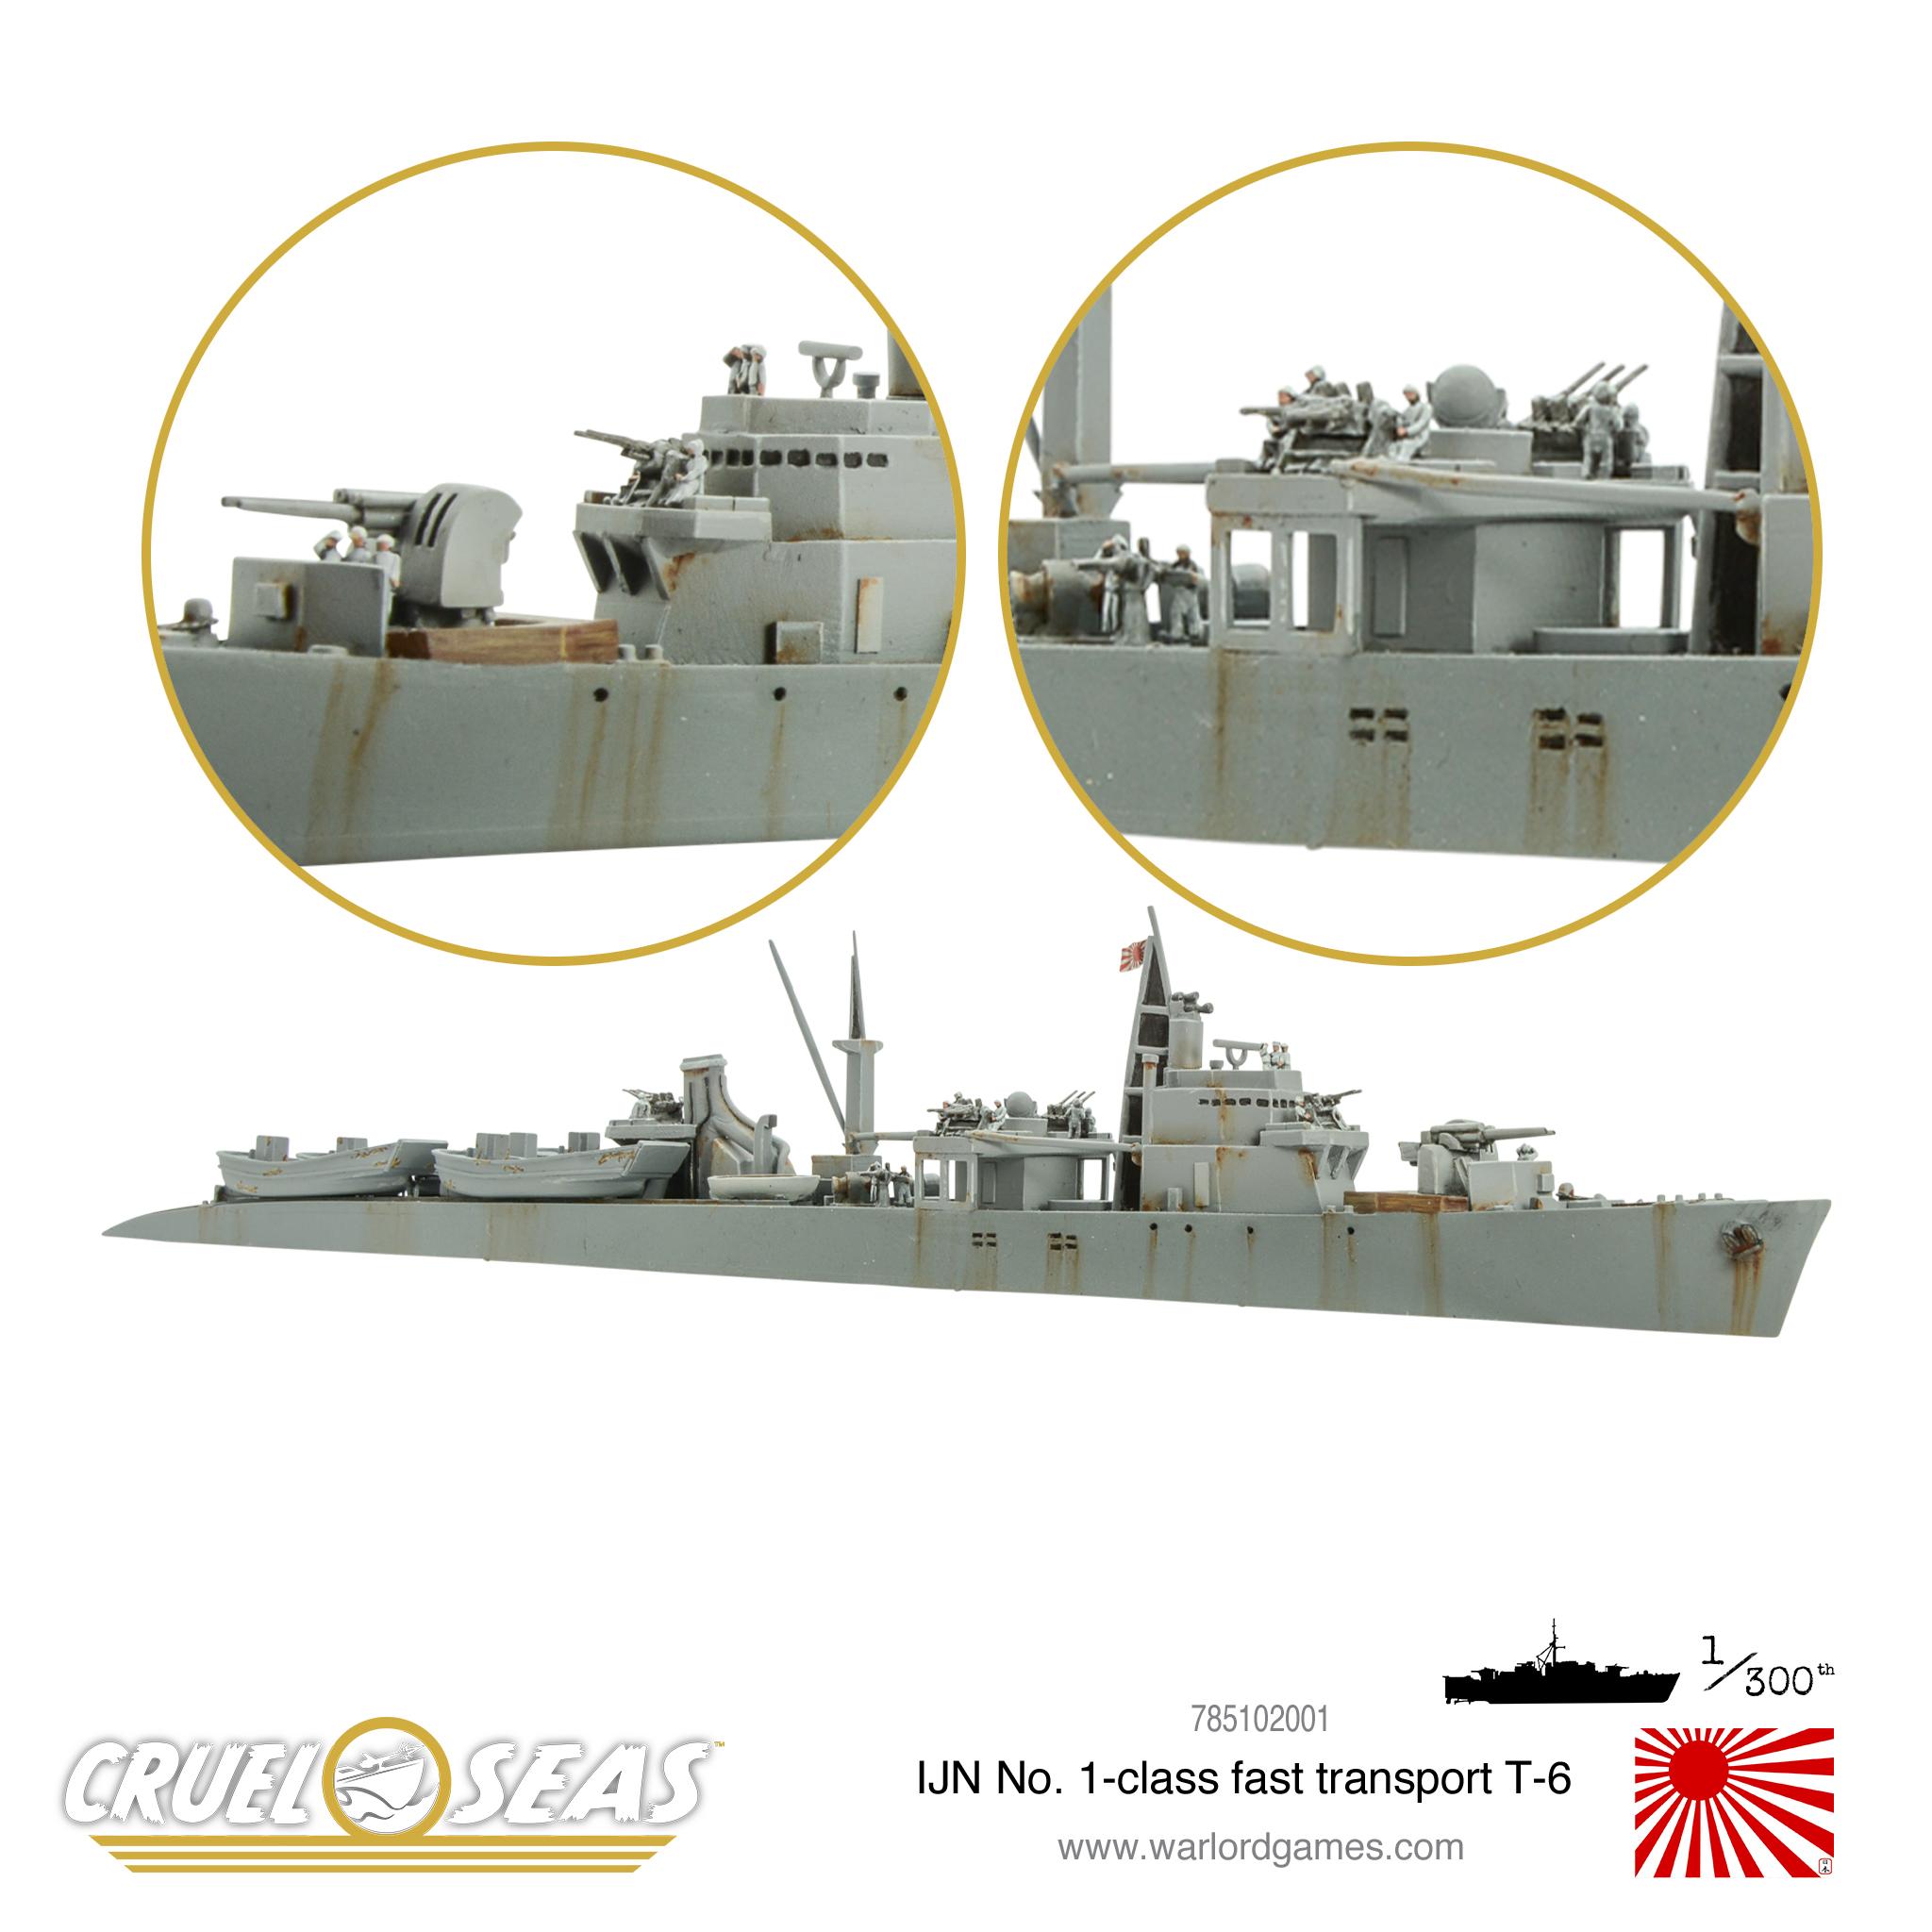 IJN No 1 class fast transport T-6 1